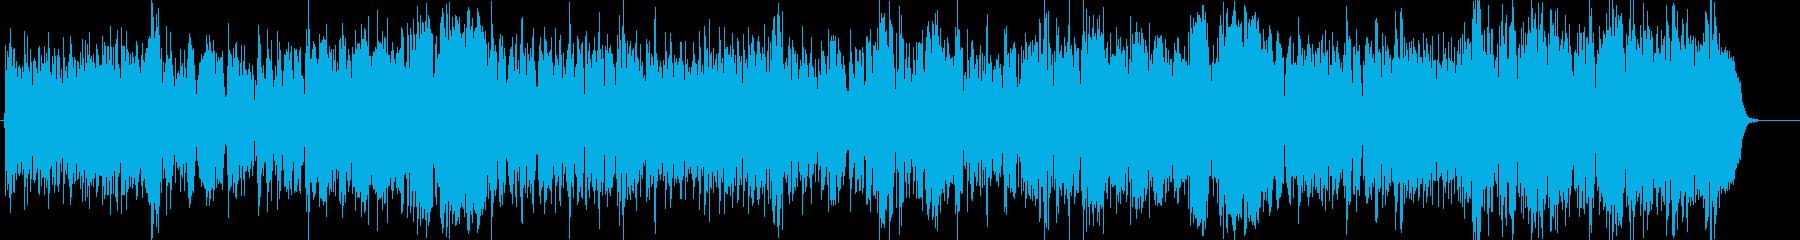 フルートなどのモダンなBGMの再生済みの波形